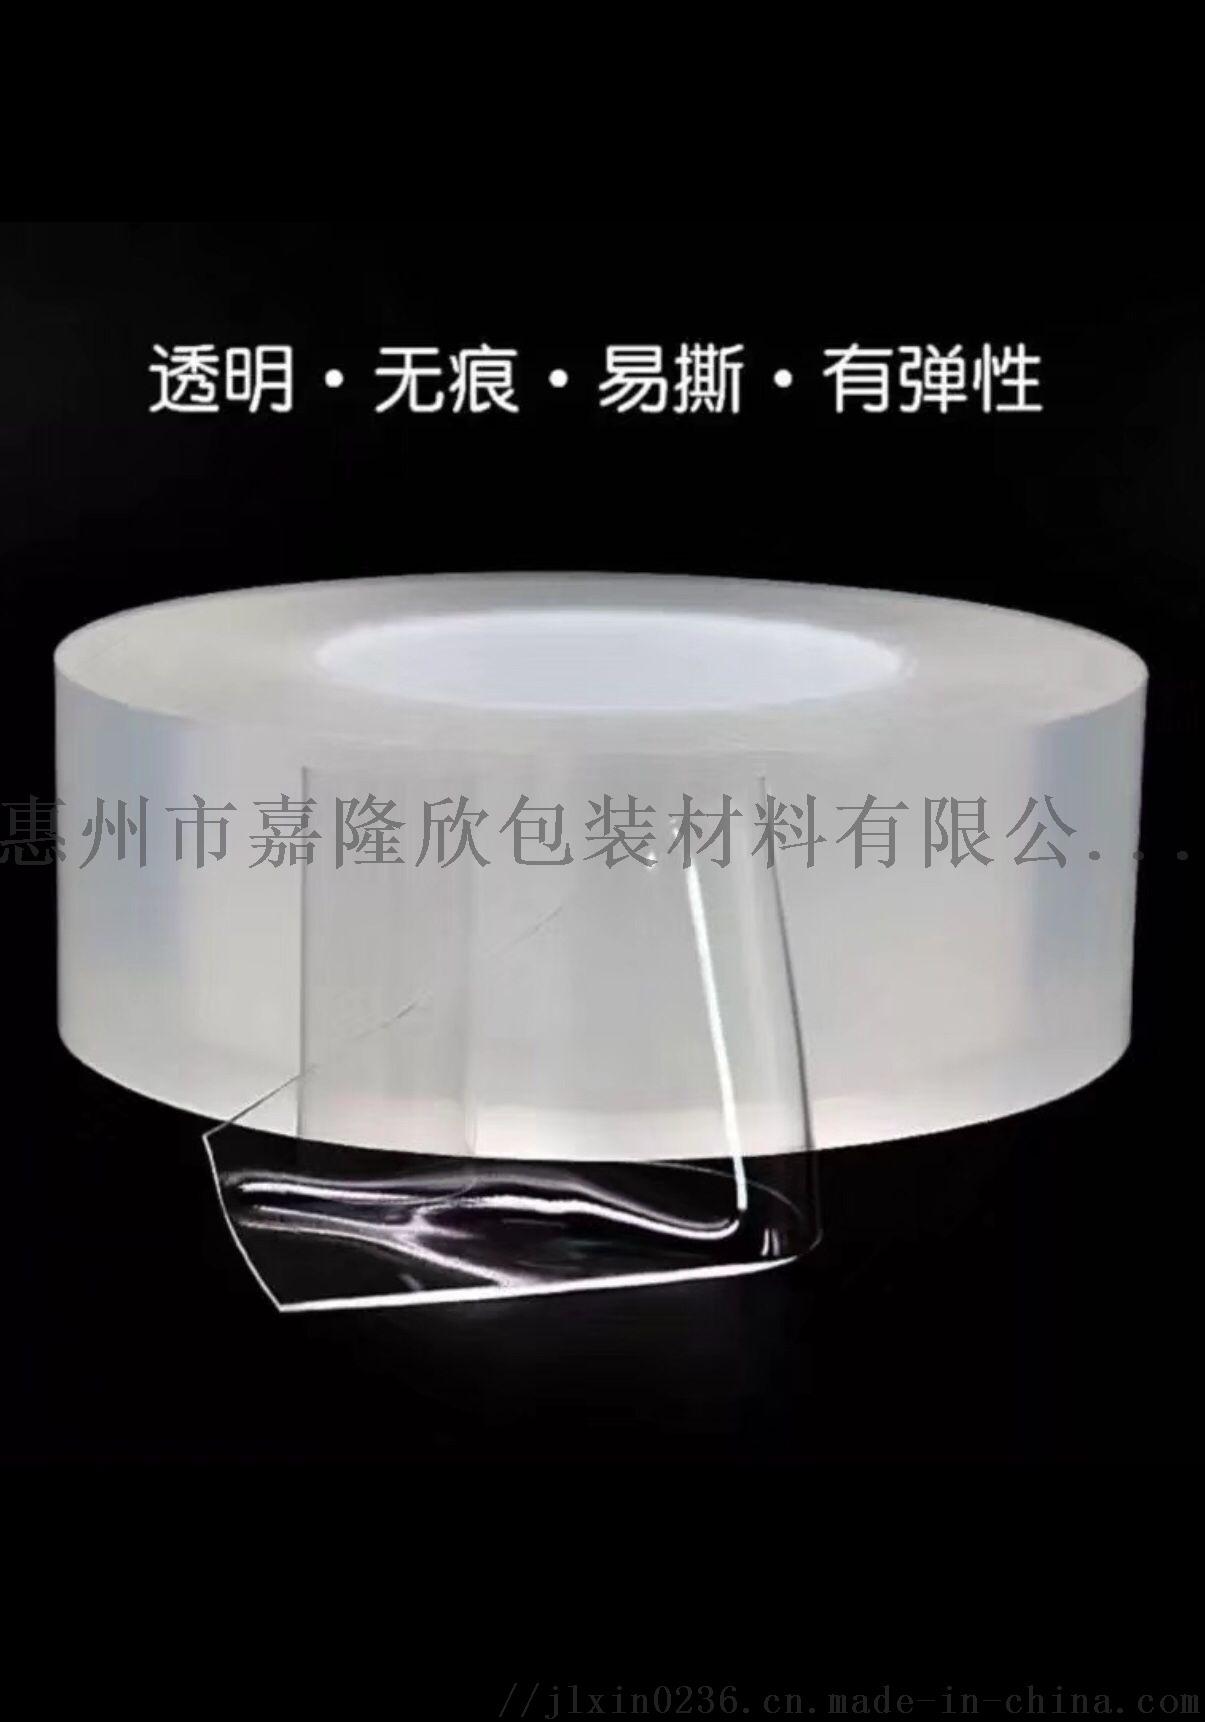 纳米无痕魔力透明双面胶带防水可移双面胶带837466105